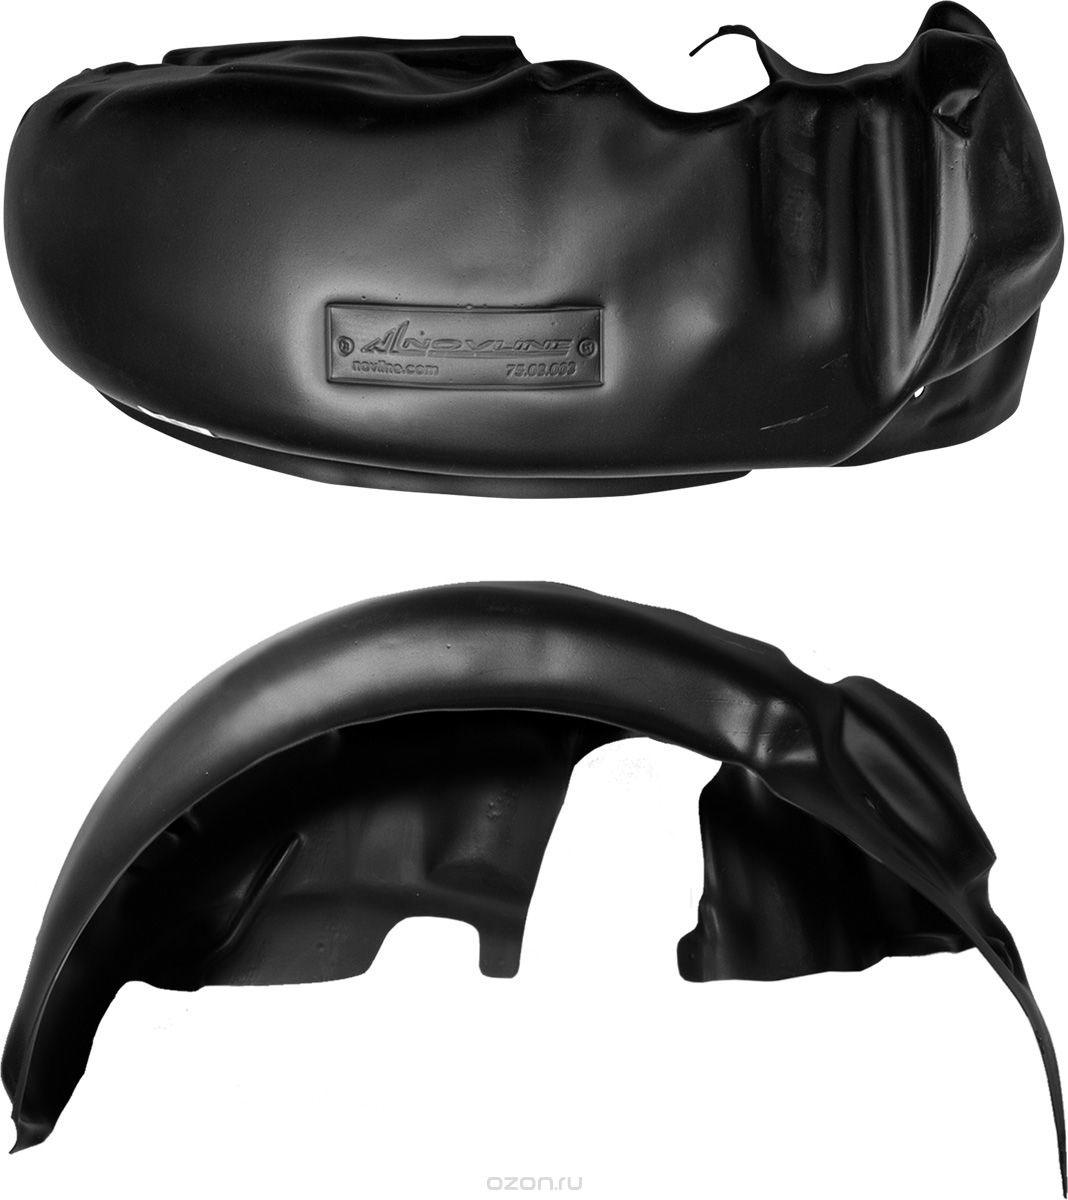 Подкрылок Novline-Autofamily, для MITSUBISHI Colt 3D,5D 10/2009->, передний левый, NLL.35.21.001VCA-00Идеальная защита колесной ниши. Локеры разработаны с применением цифровых технологий, гарантируют максимальную повторяемость поверхности арки. Изделия устанавливаются без нарушения лакокрасочного покрытия автомобиля, каждый подкрылок комплектуется крепежом. Уважаемые клиенты, обращаем ваше внимание, что фотографии на подкрылки универсальные и не отражают реальную форму изделия. При этом само изделие идет точно под размер указанного автомобиля.